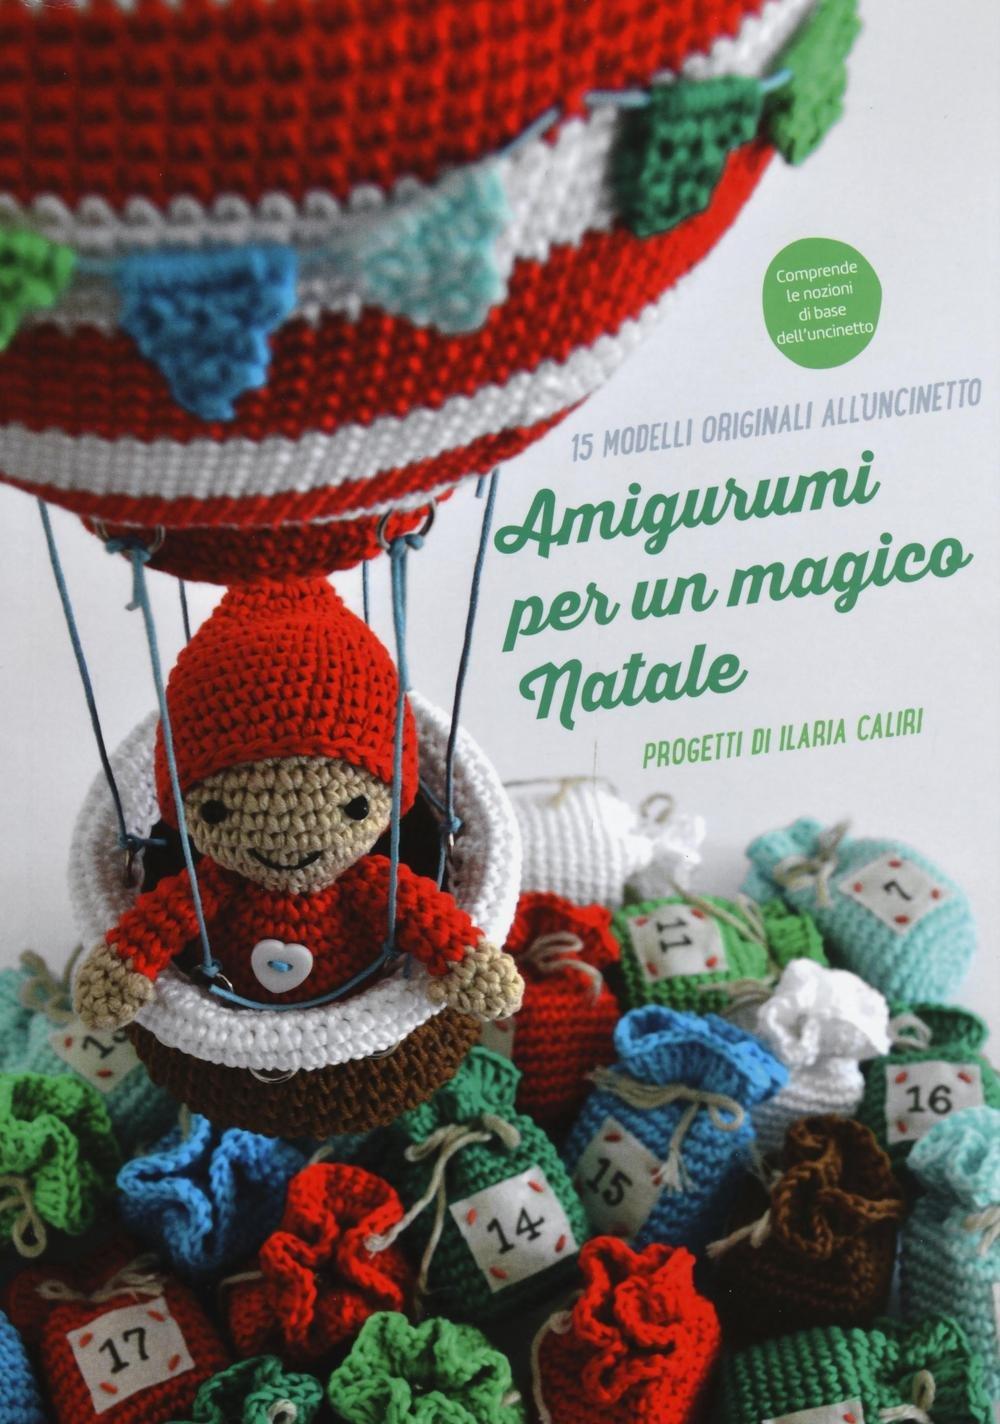 Amigurumi Natale.Amazon Com Amigurumi Per Un Magico Natale 9788865208458 Caliri Ilaria Books